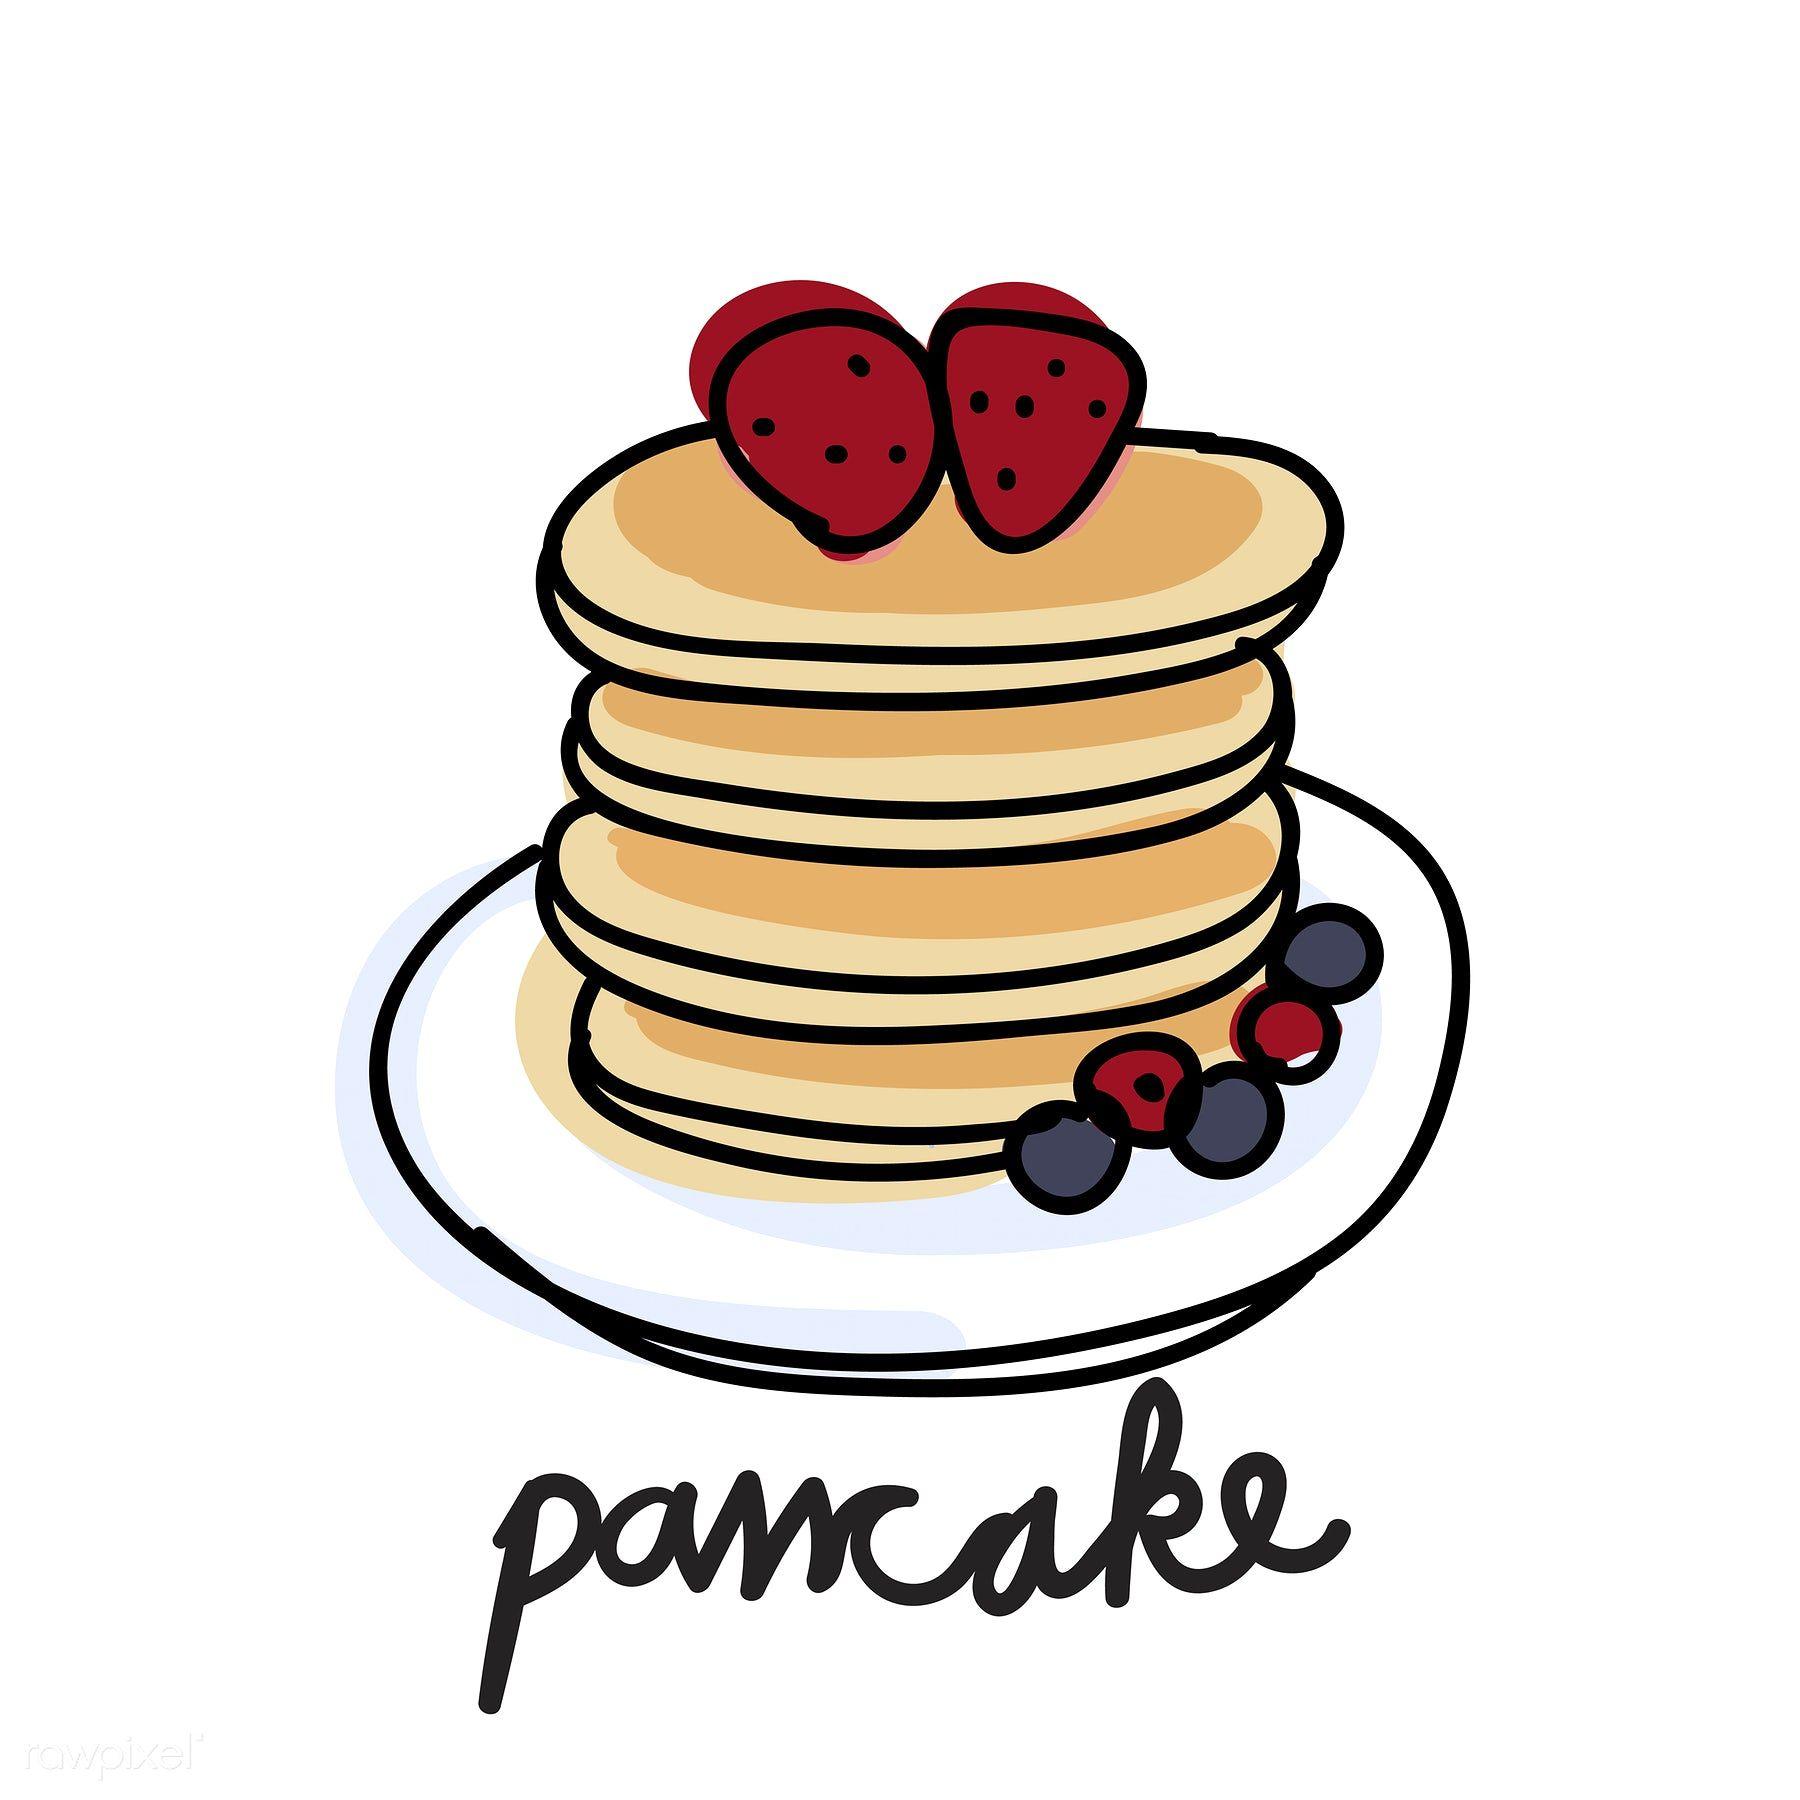 illustration drawing style of pancake [ 1800 x 1800 Pixel ]